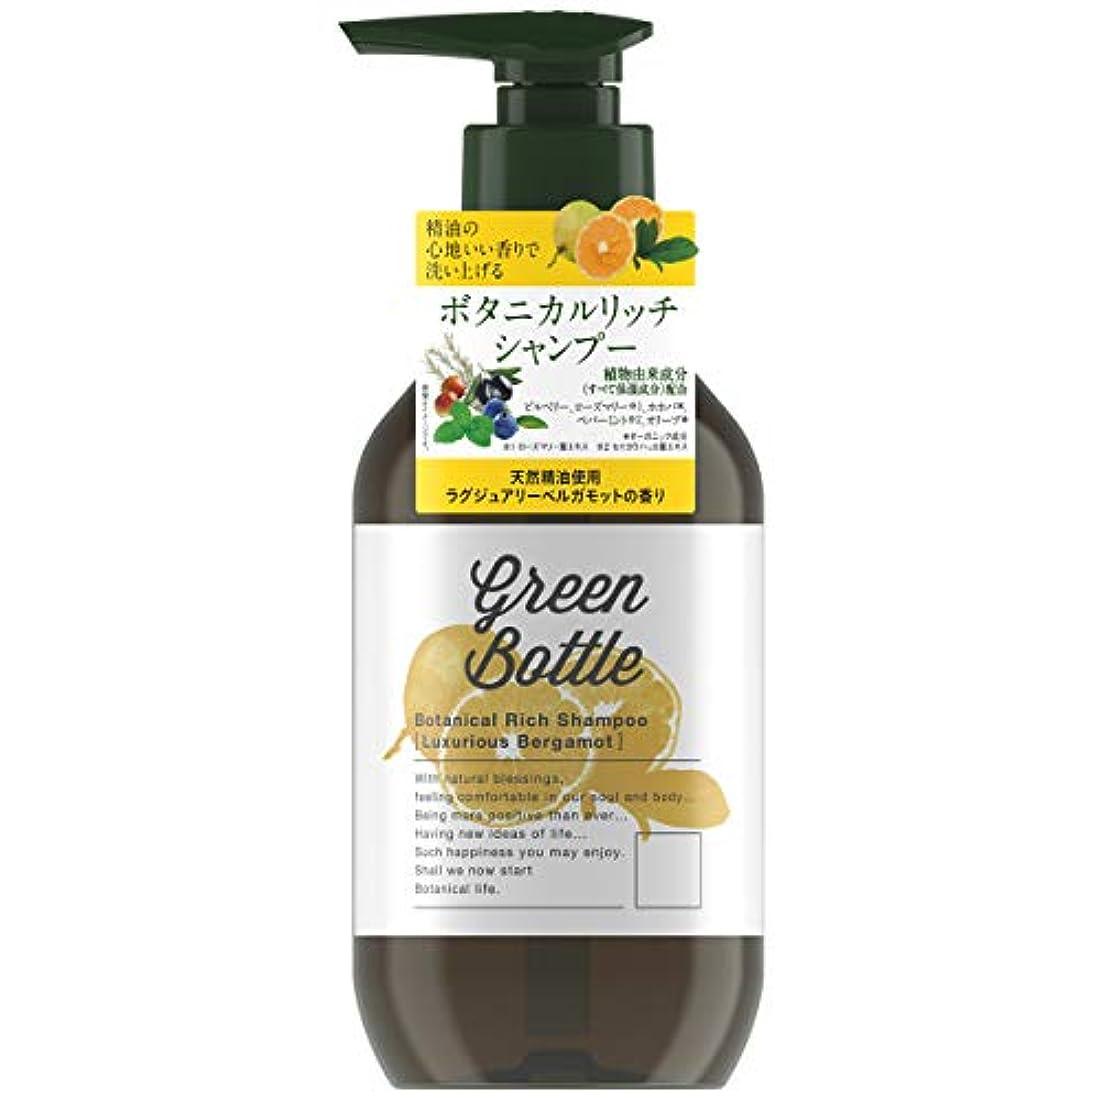 毛皮精度制限されたグリーンボトルボタニカルリッチシャンプー(ラグジュアリーベルガモットの香り) 490ml